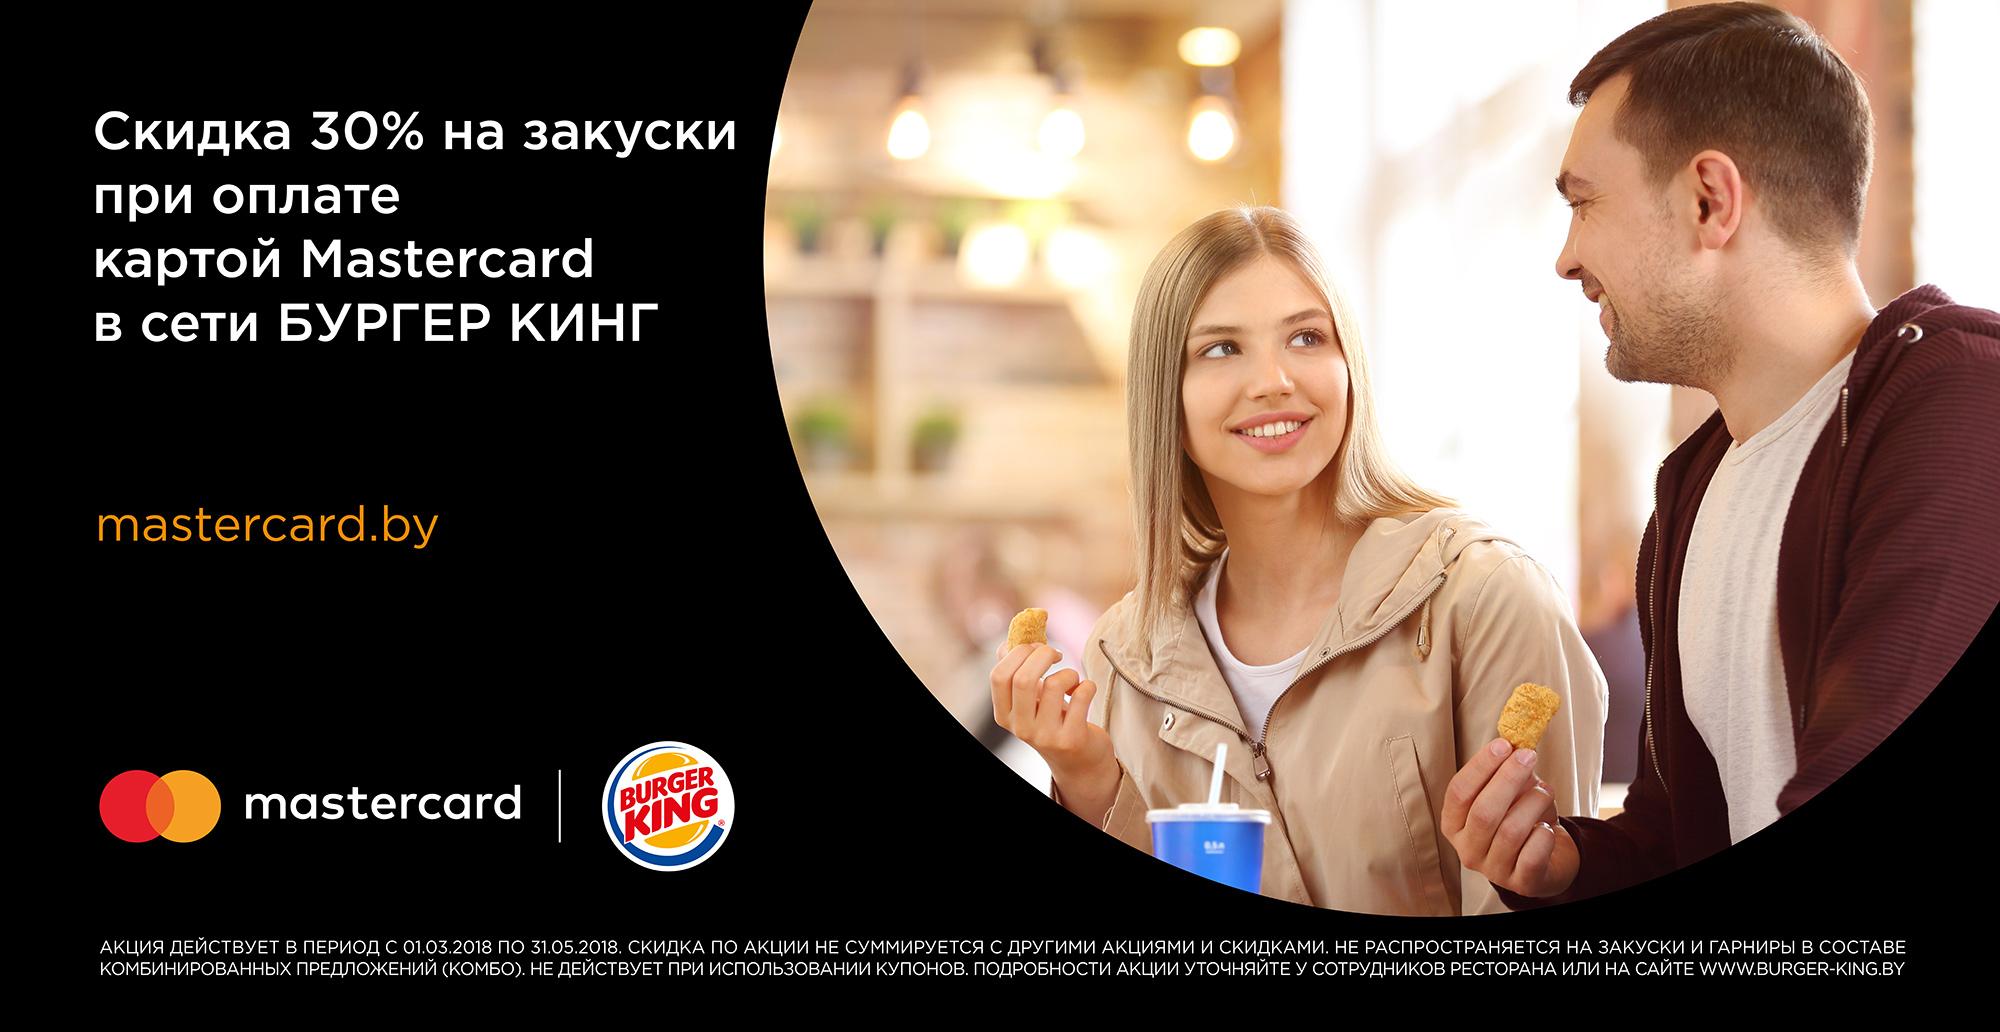 Mastercard Burger King